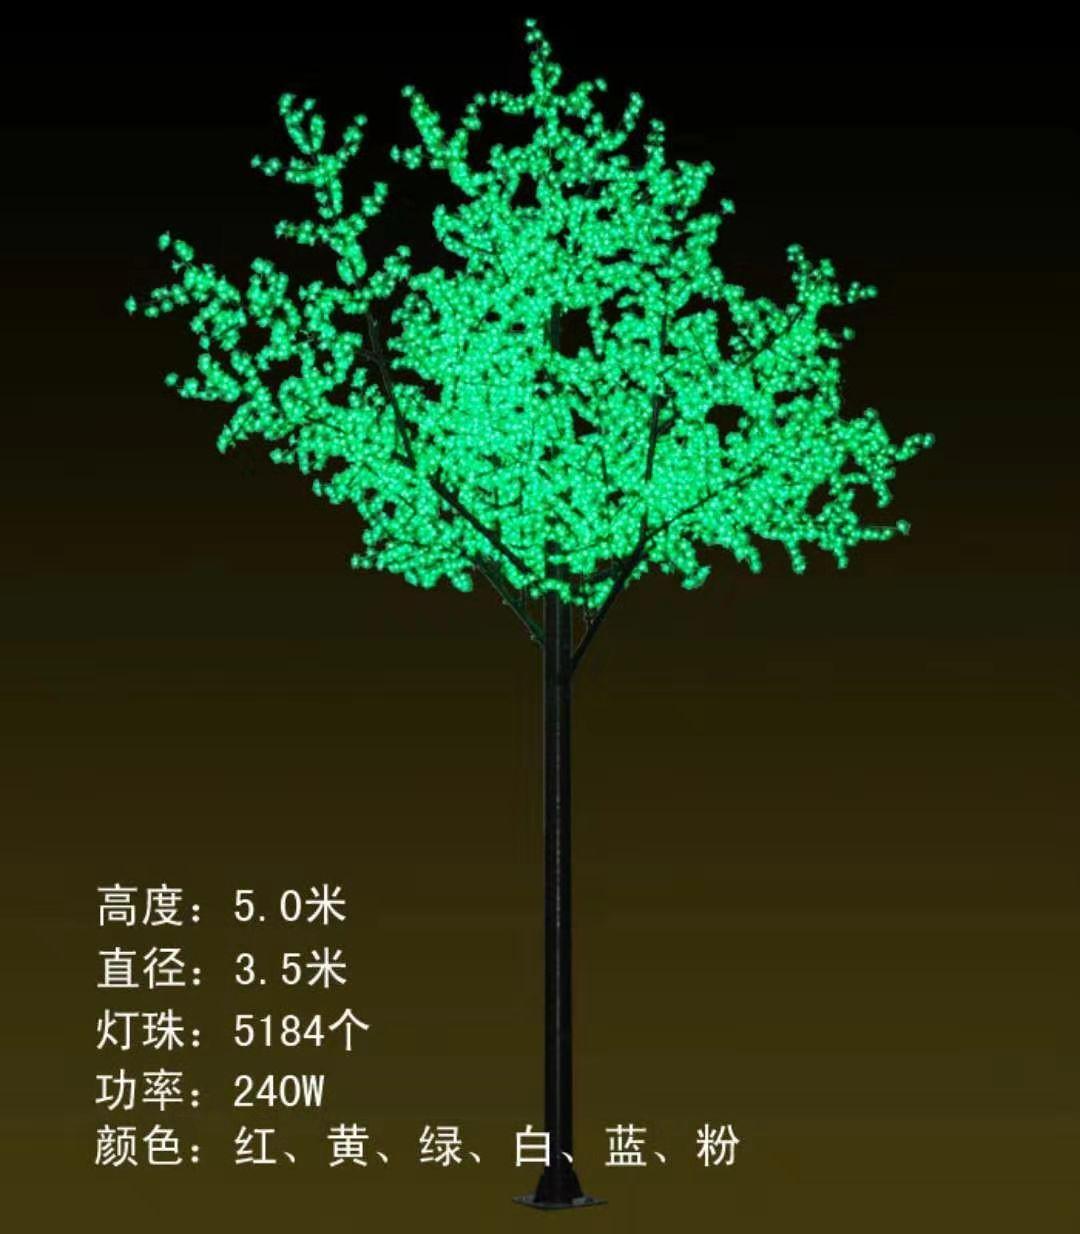 仿真树生产厂家-益庆灯饰专业供应led仿真树灯